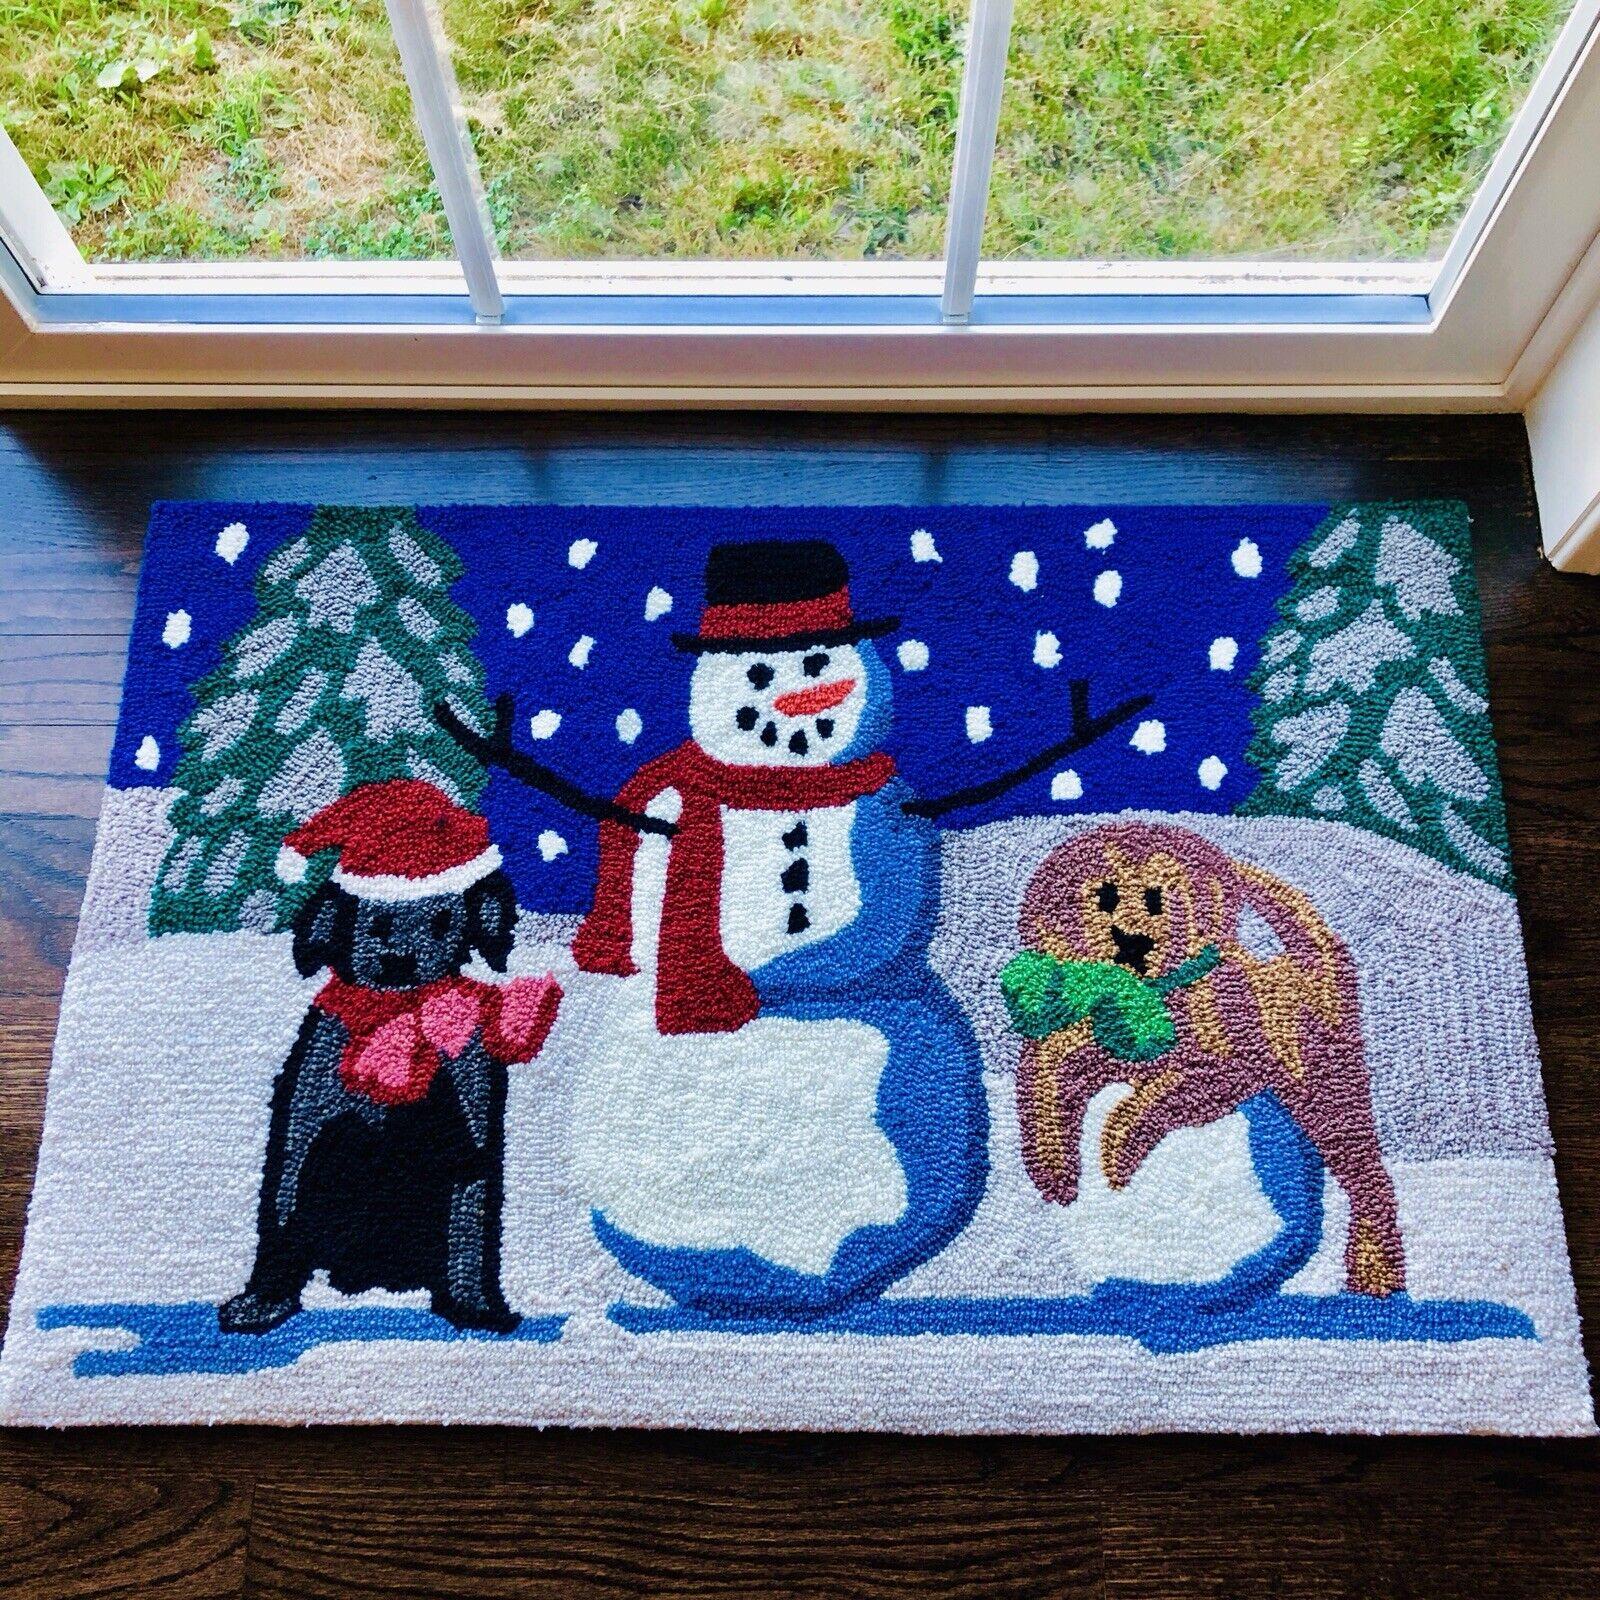 SNOW PUPPIES 20x30 Indoor/Outdoor 2x3 Rug LIORA MANNE Frontp